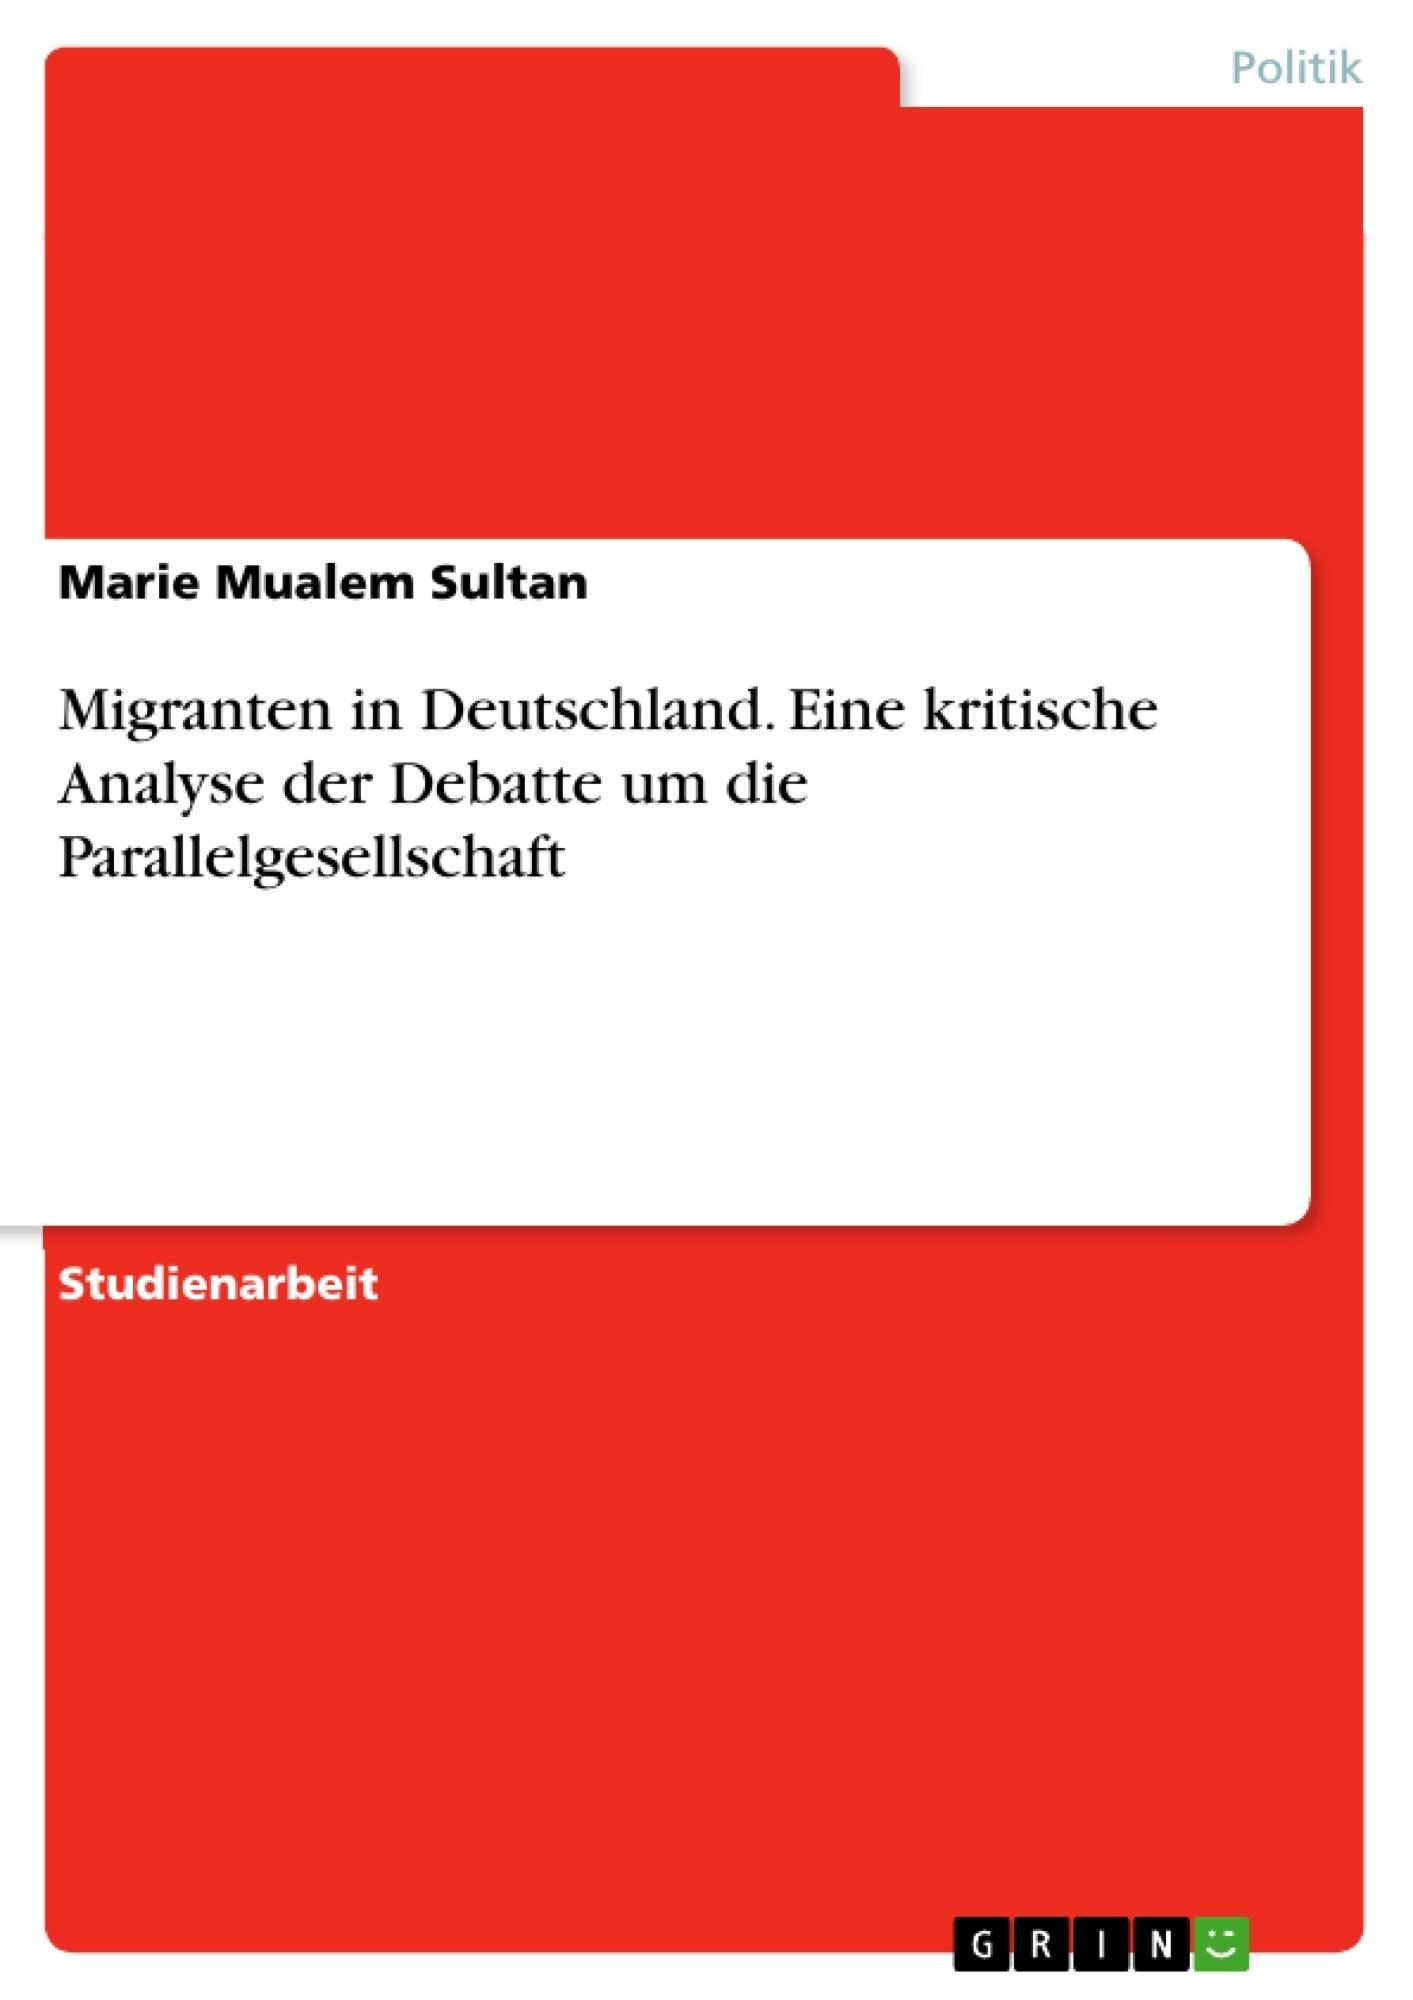 Titel: Migranten in Deutschland. Eine kritische Analyse der Debatte um die Parallelgesellschaft